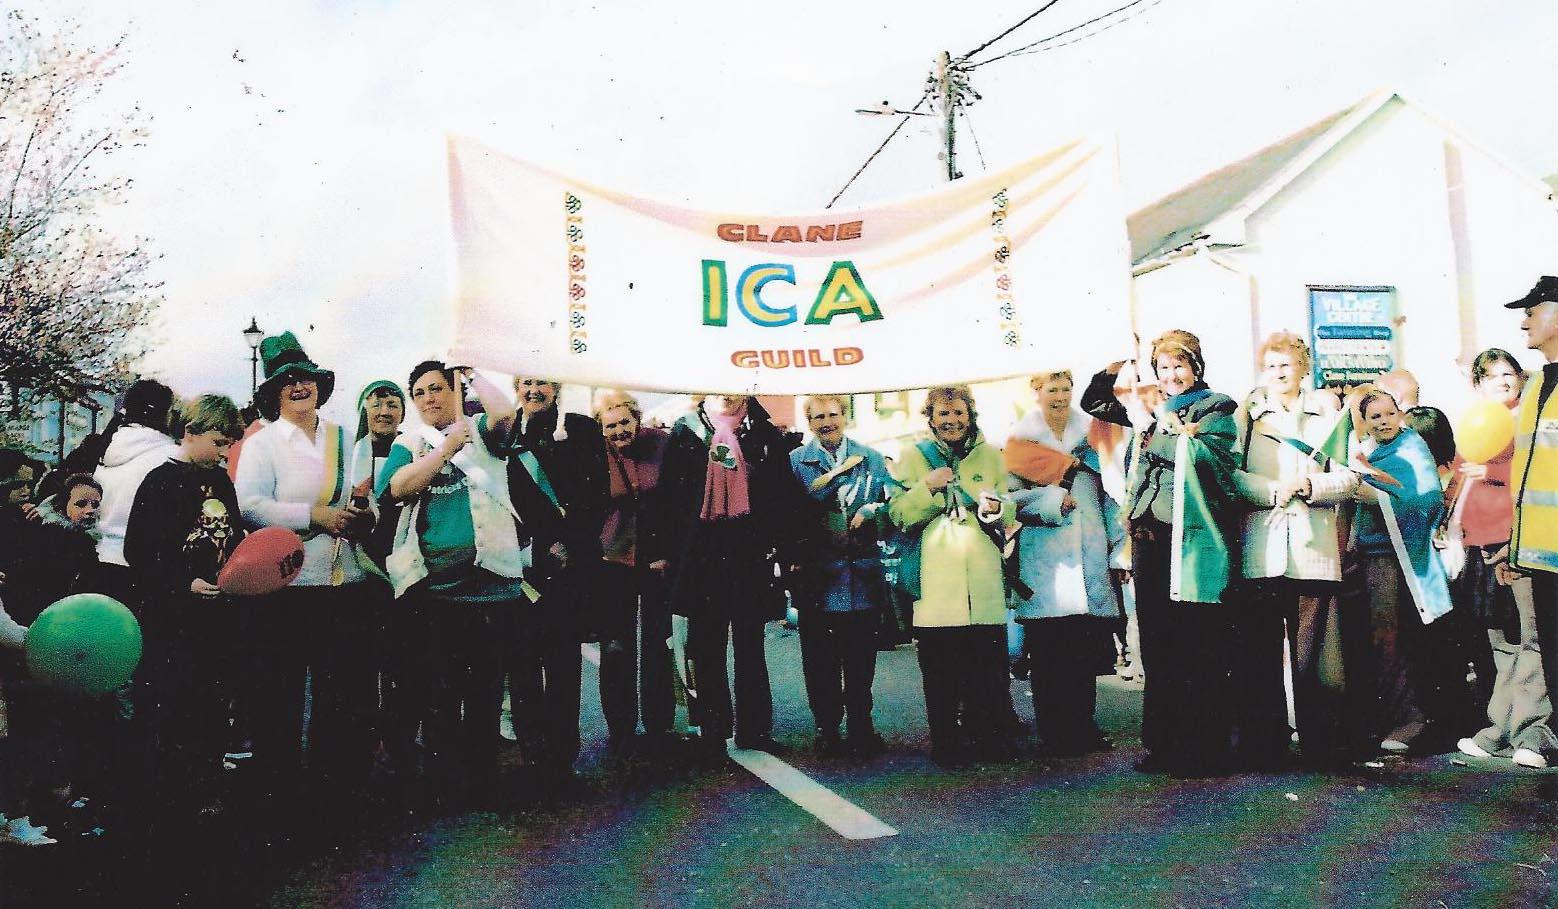 ICA Clane Guild